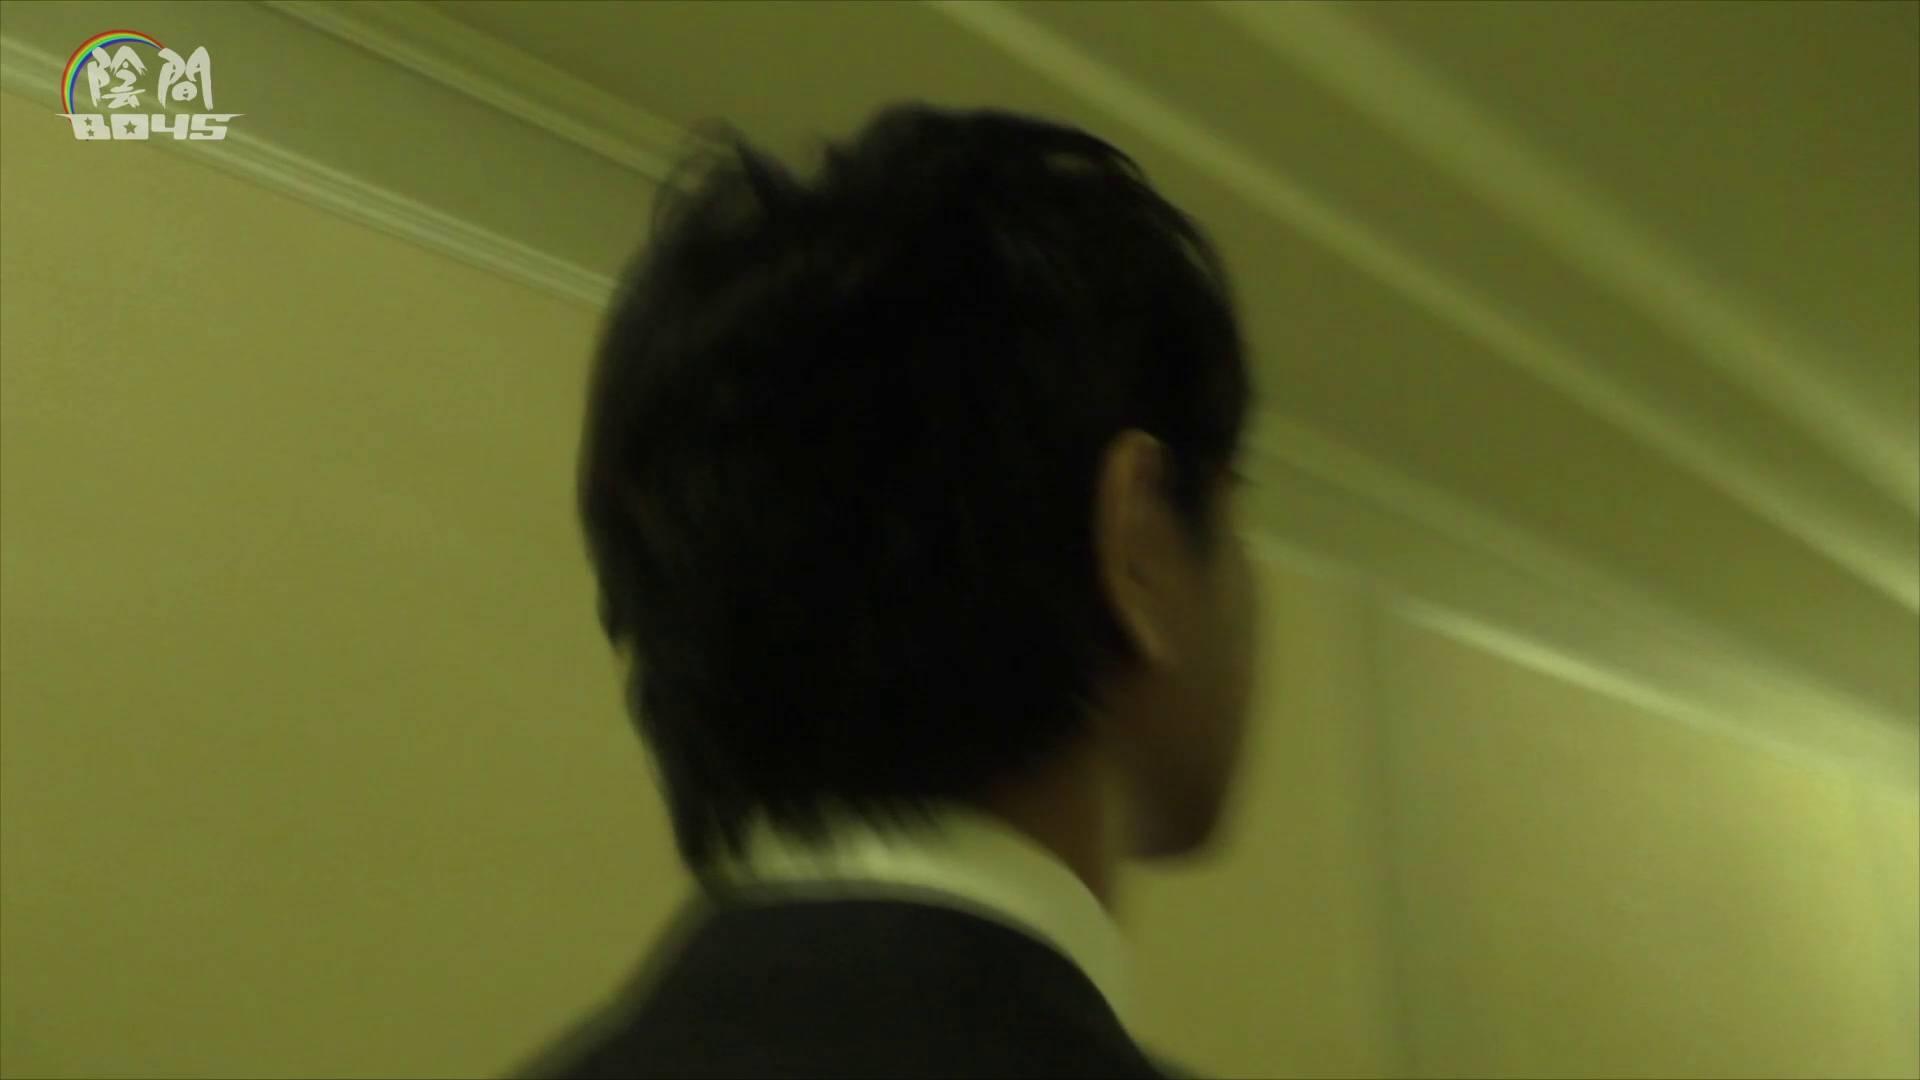 陰間BOYS~キャバクラの仕事はアナルから4 Vol.01 アナル ゲイザーメン画像 82枚 28